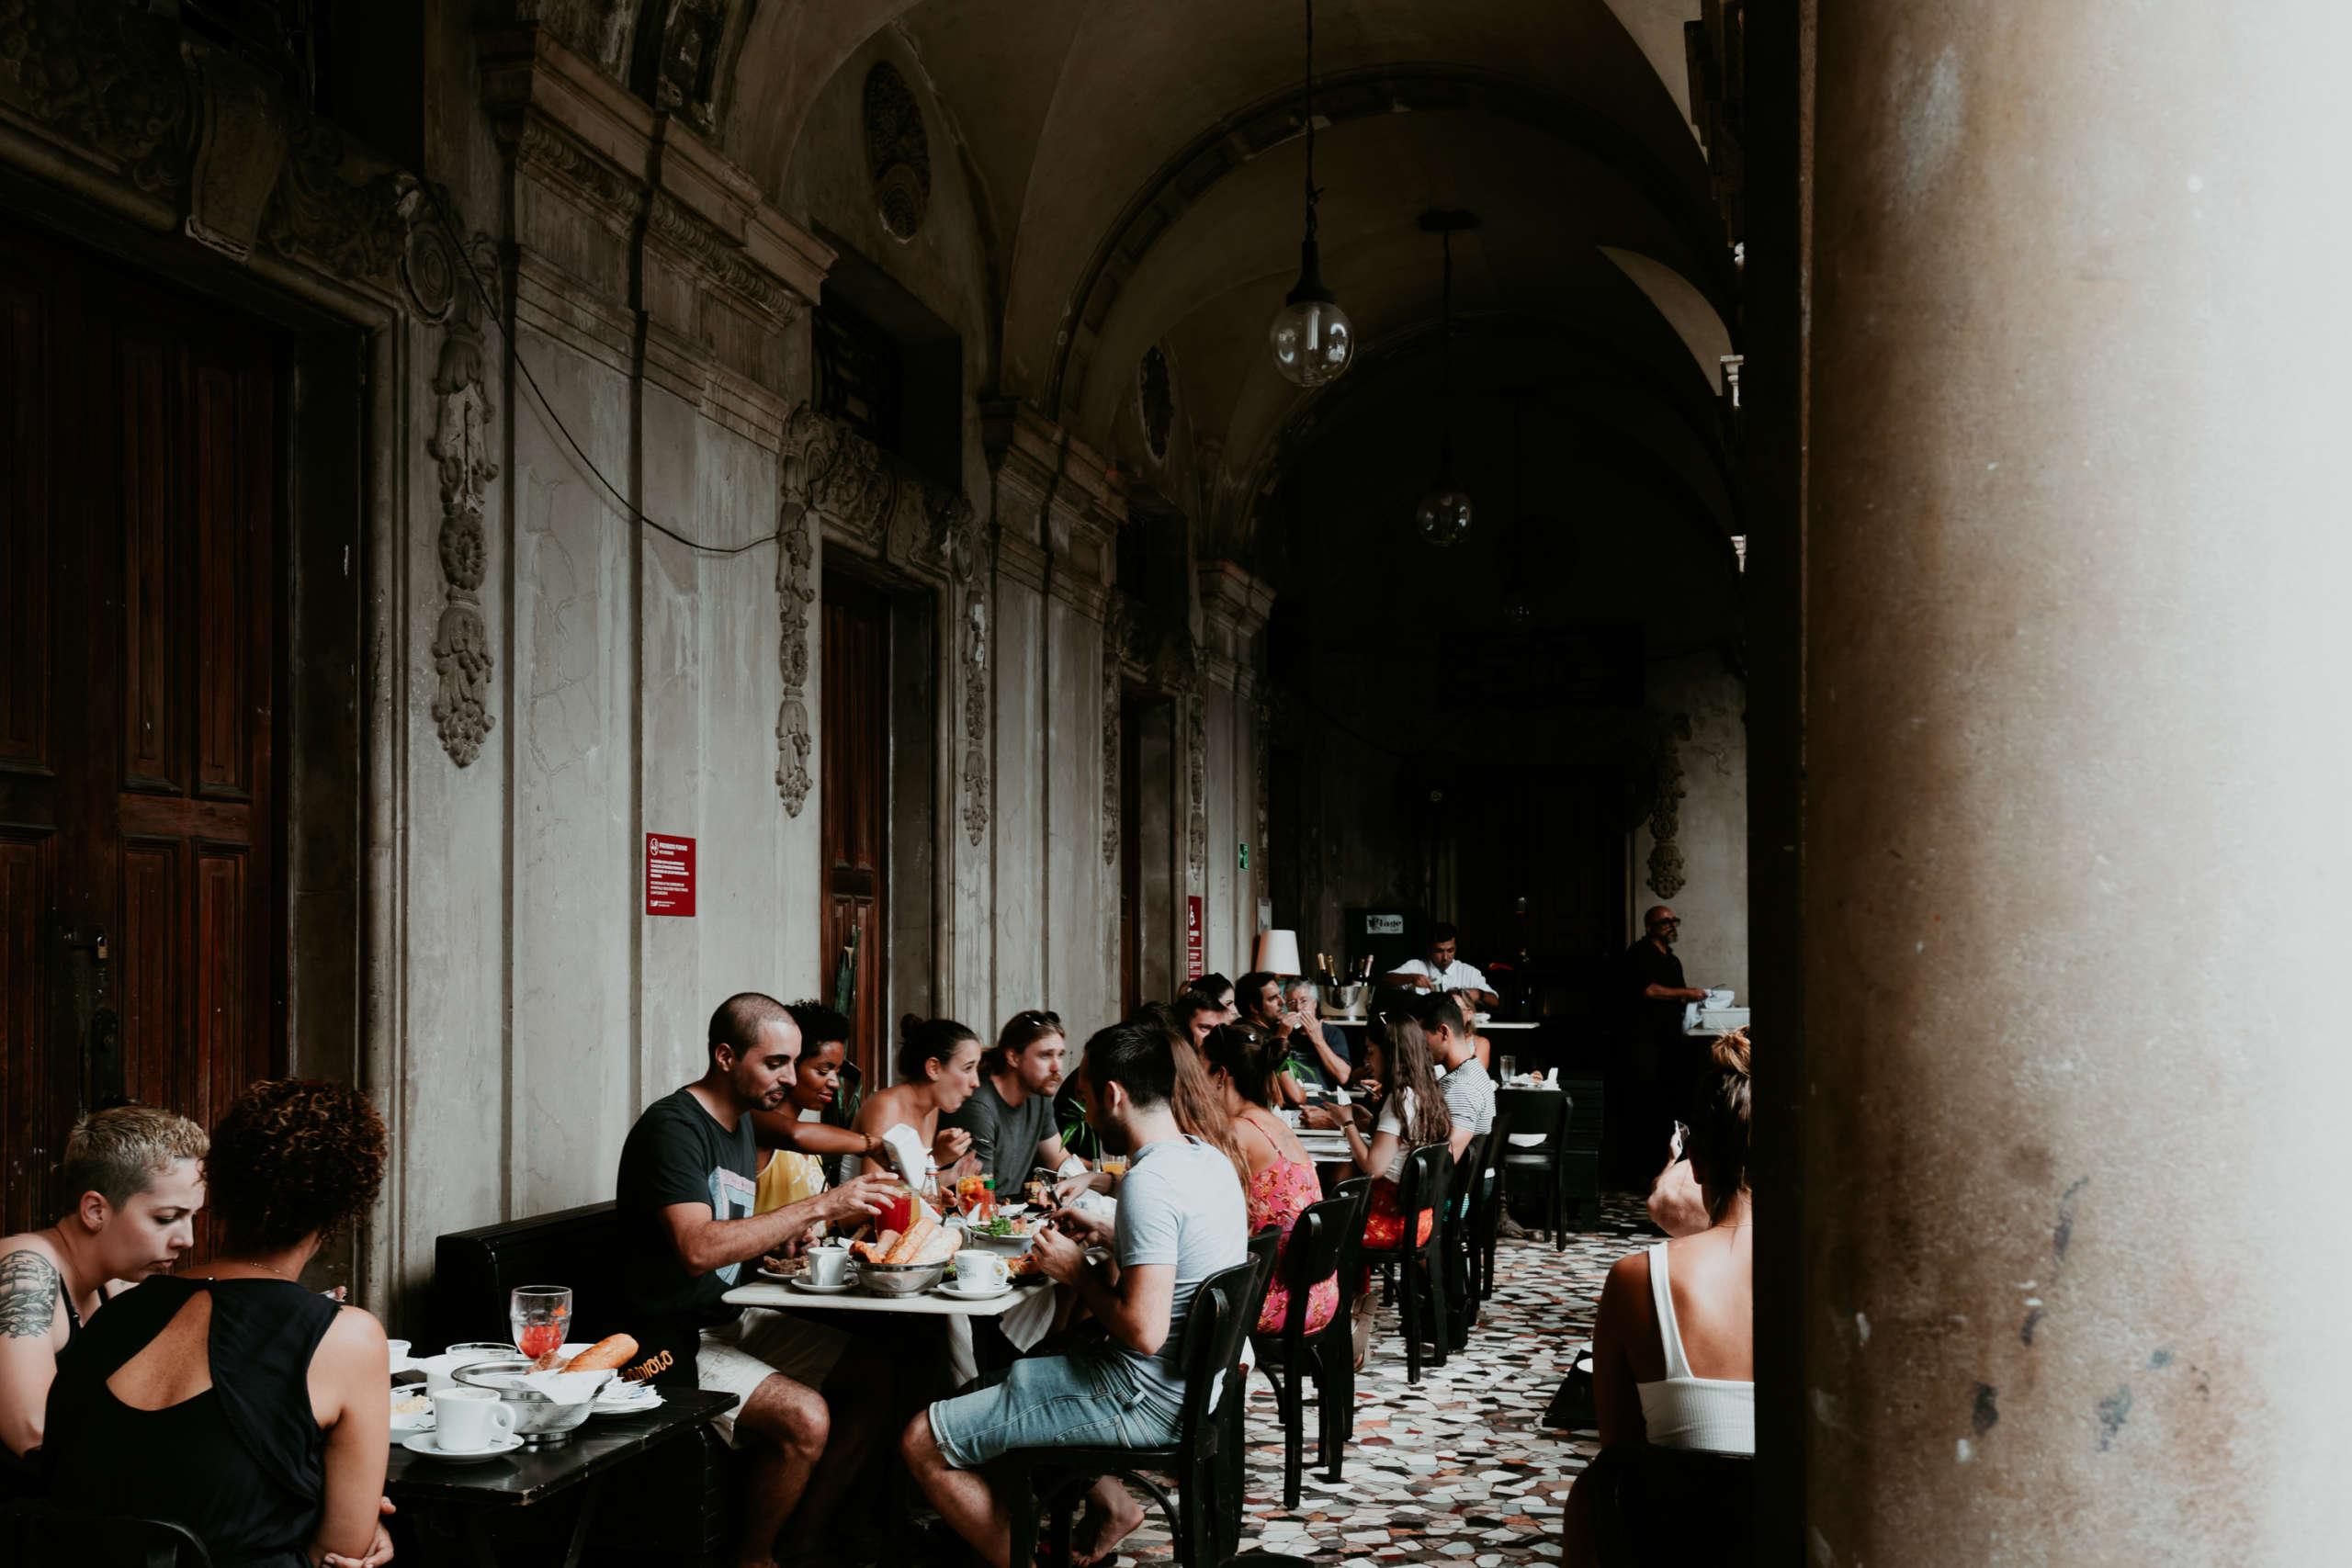 Menschen die an Tischen in einem Cafe sitzen.